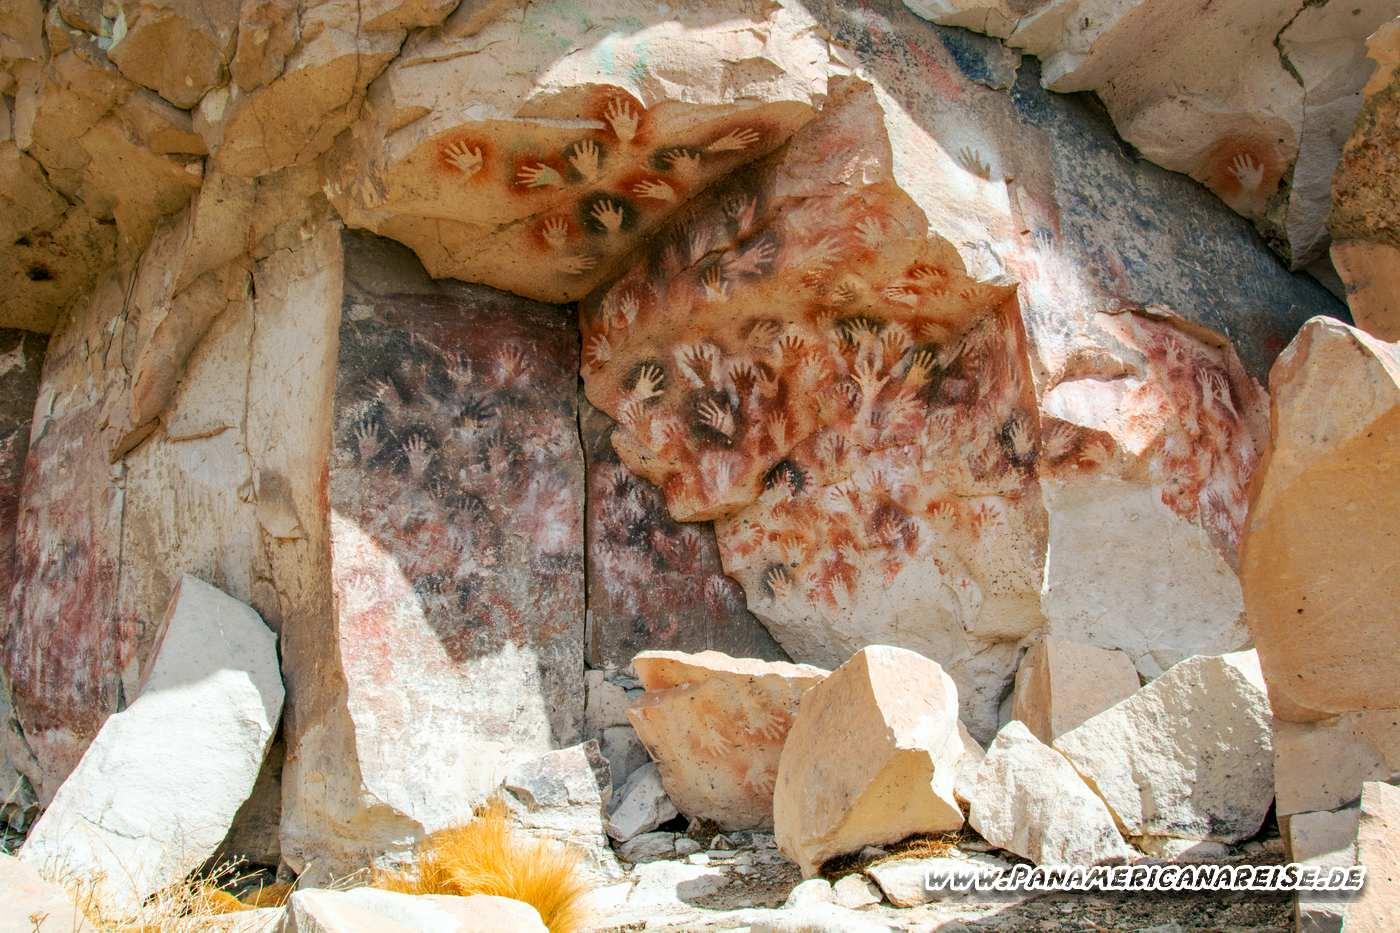 Cueva de las Manos Argentinien Höhle der Hände